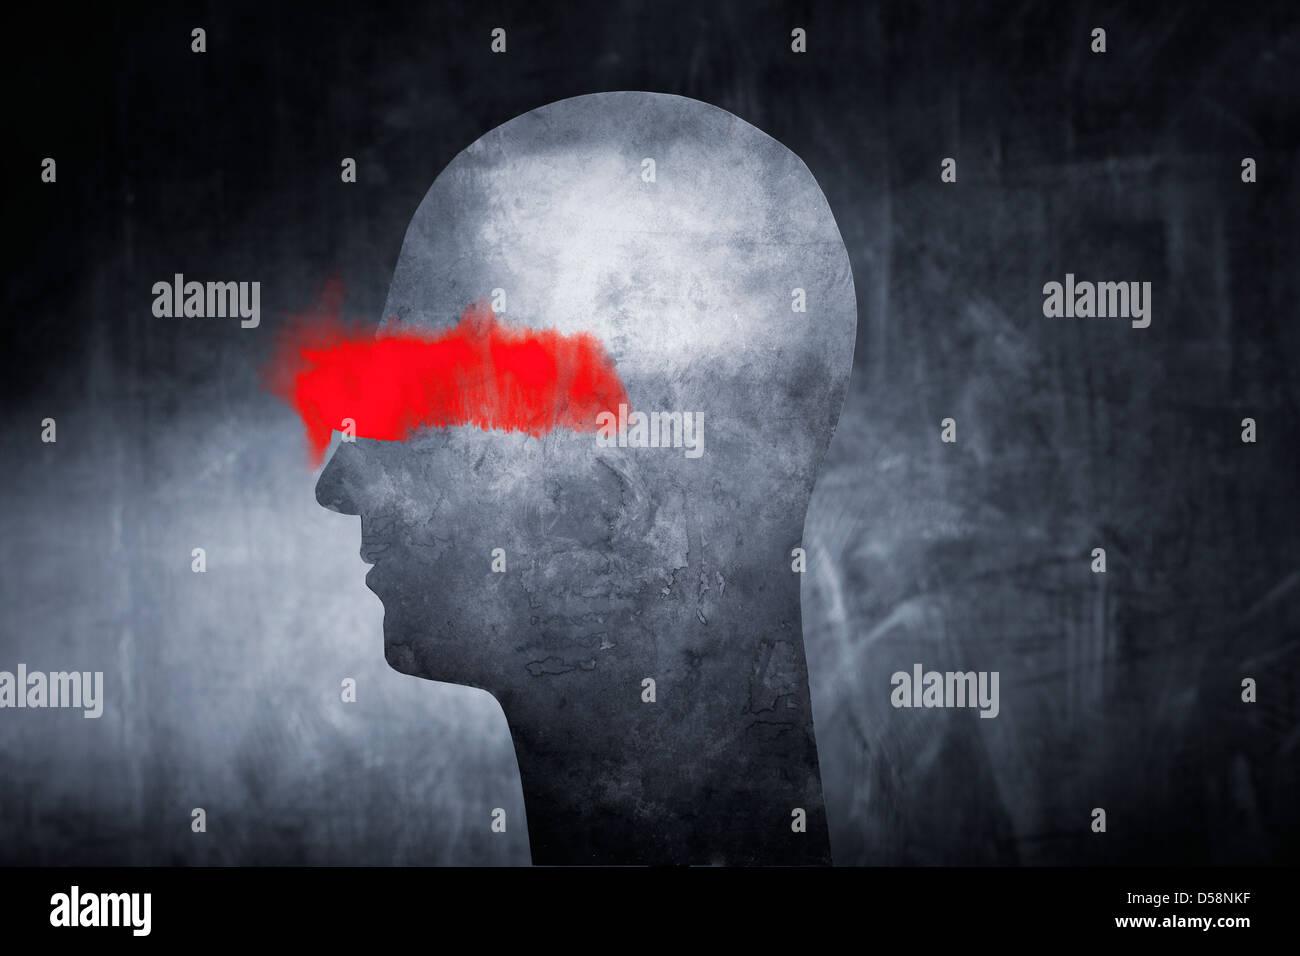 Image conceptuelle d'une tête abstraite avec de la peinture rouge sur les yeux. Photo Stock